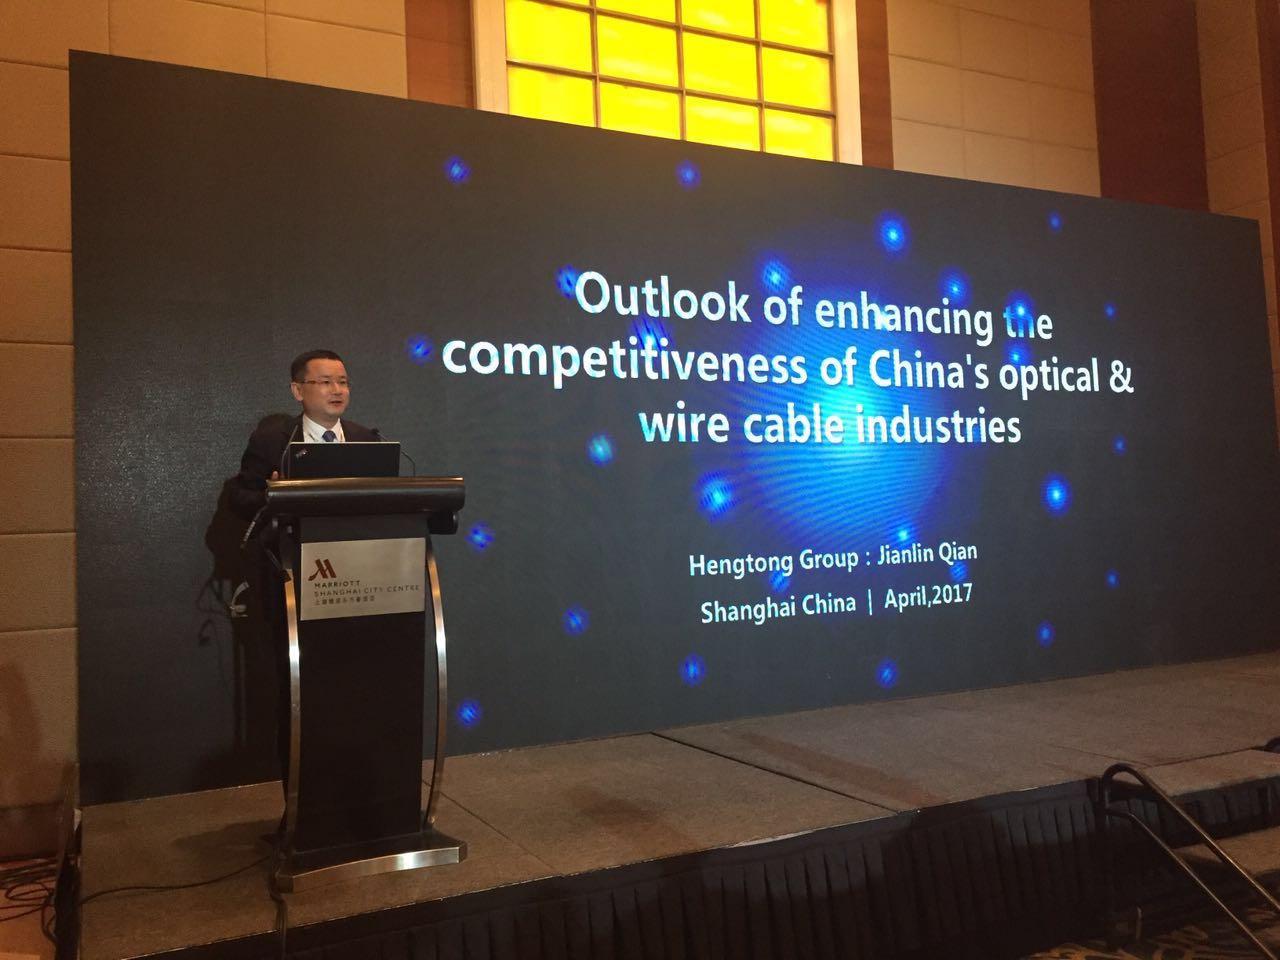 钱建林:光纤光缆市场再获加码 建言献策助力协同发展